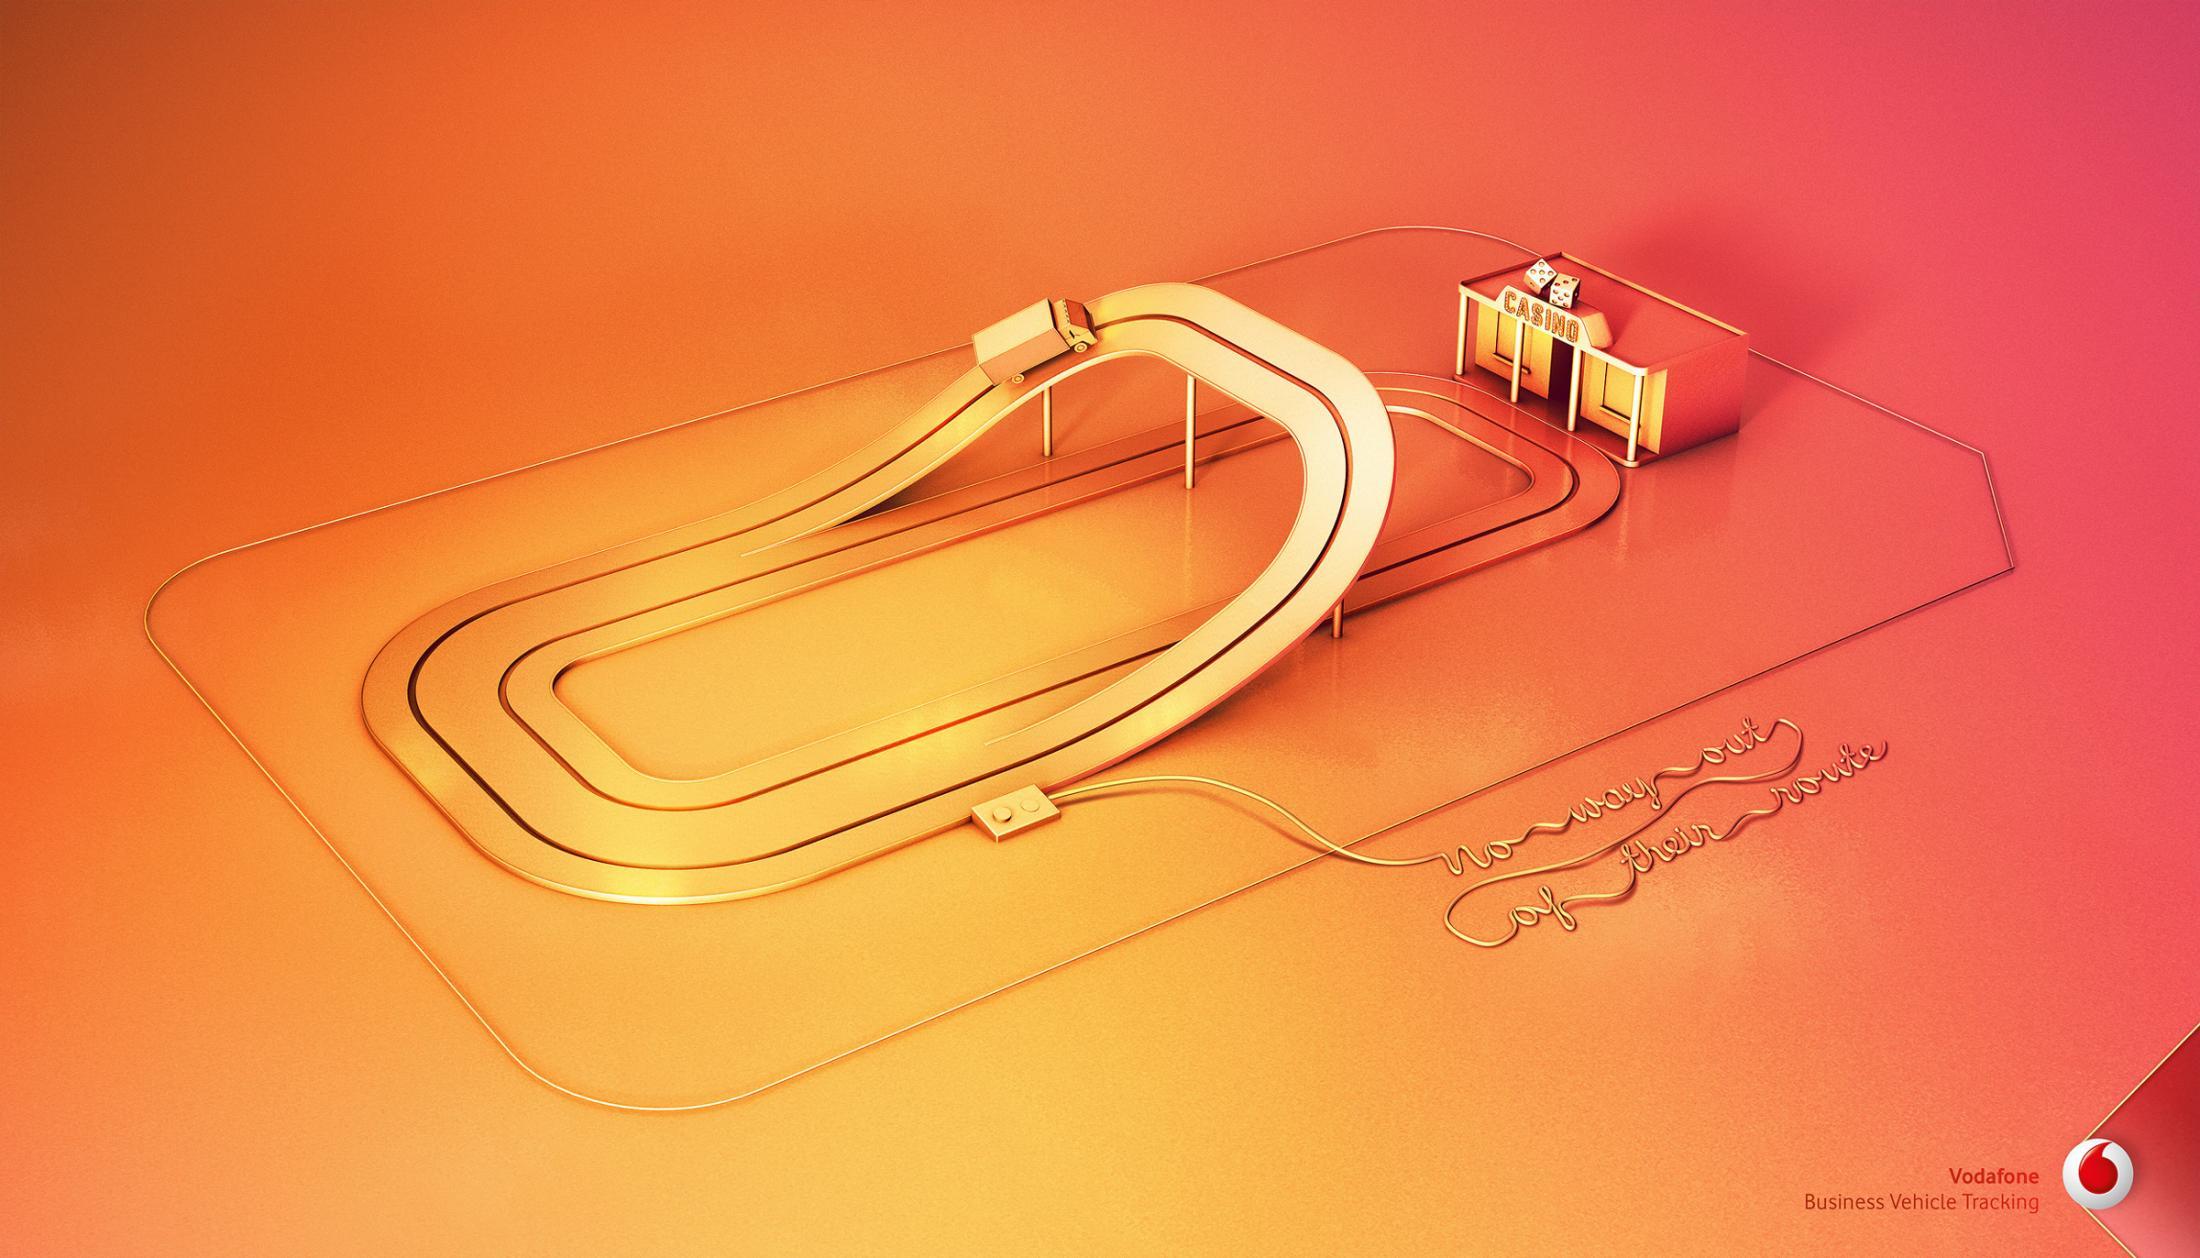 Vodafone Print Ad - Casino